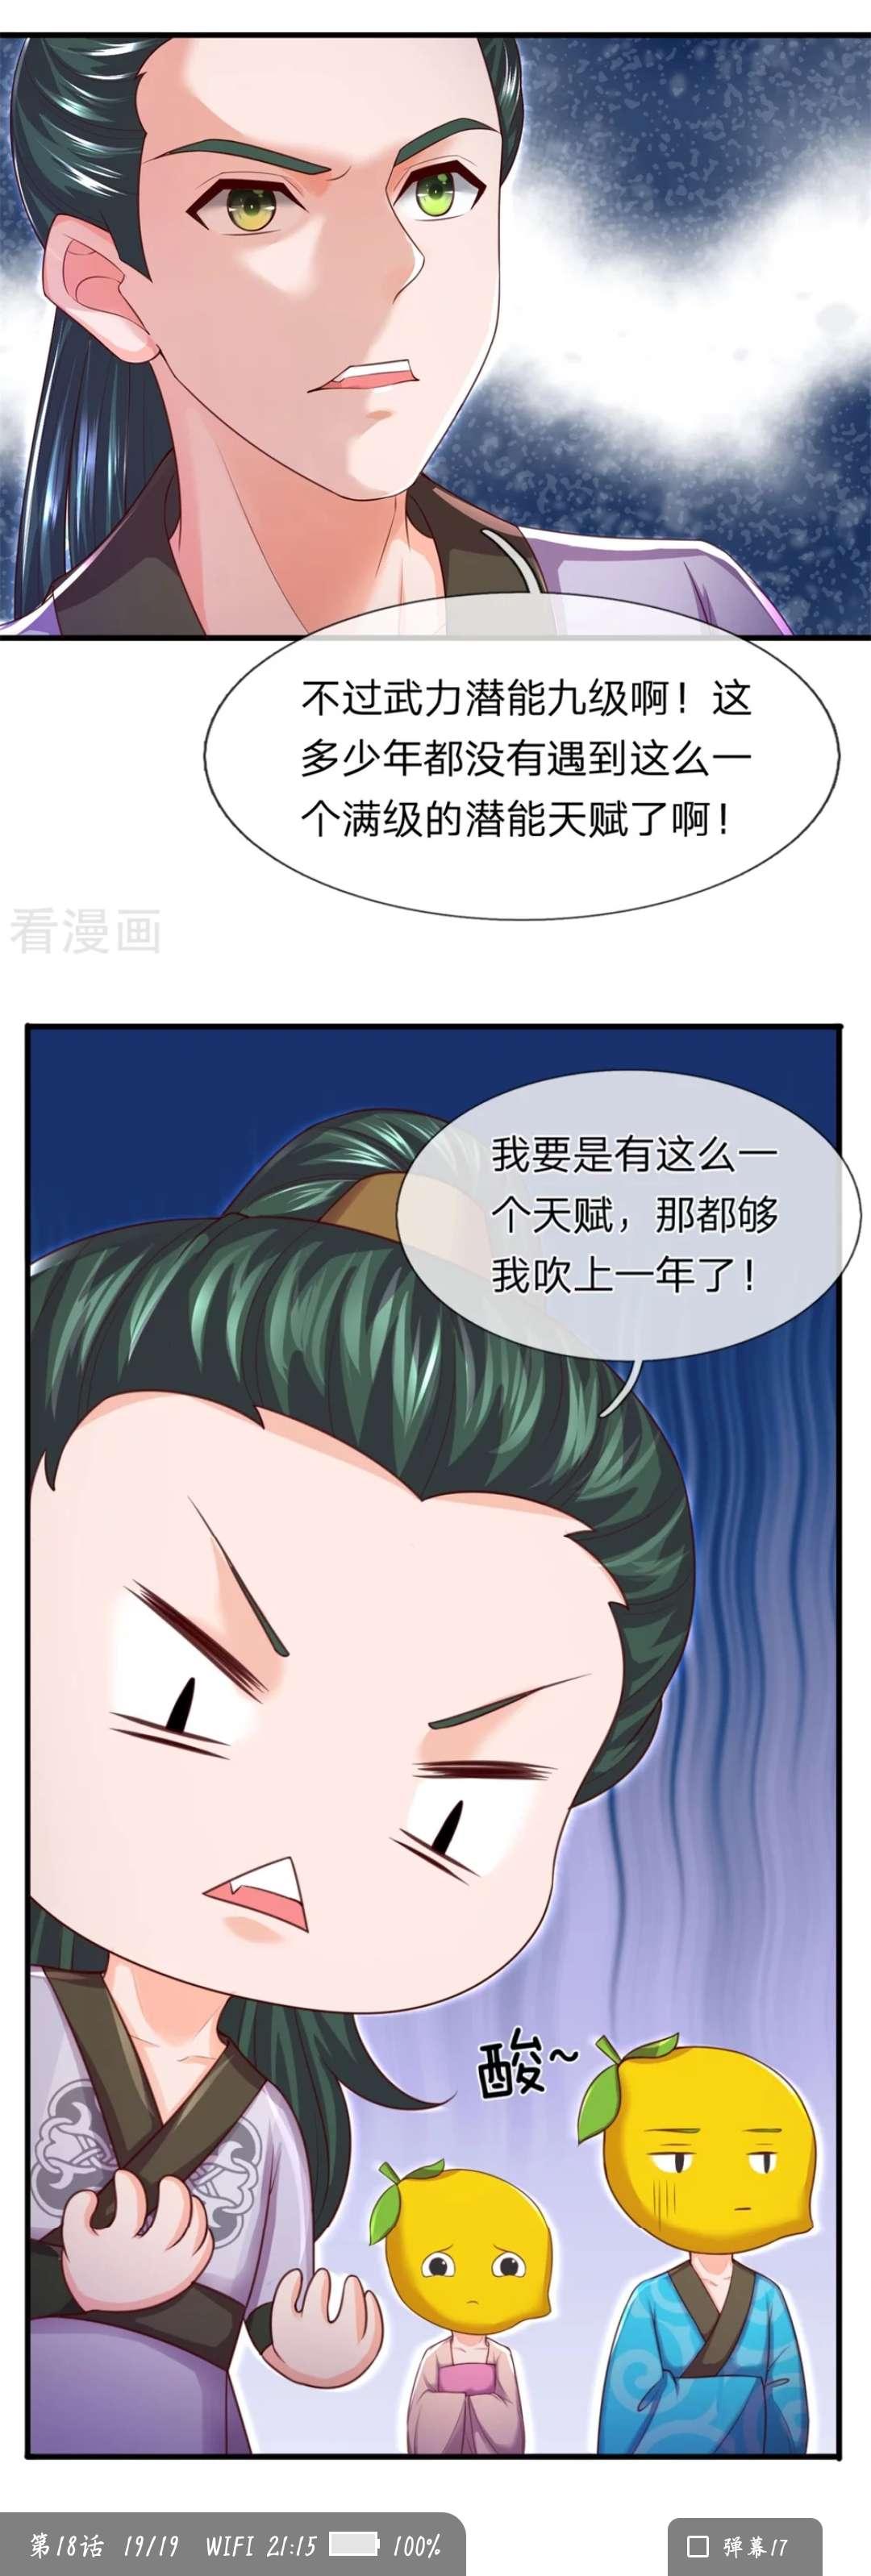 【漫画更新】凤临天下:天下第一女君~